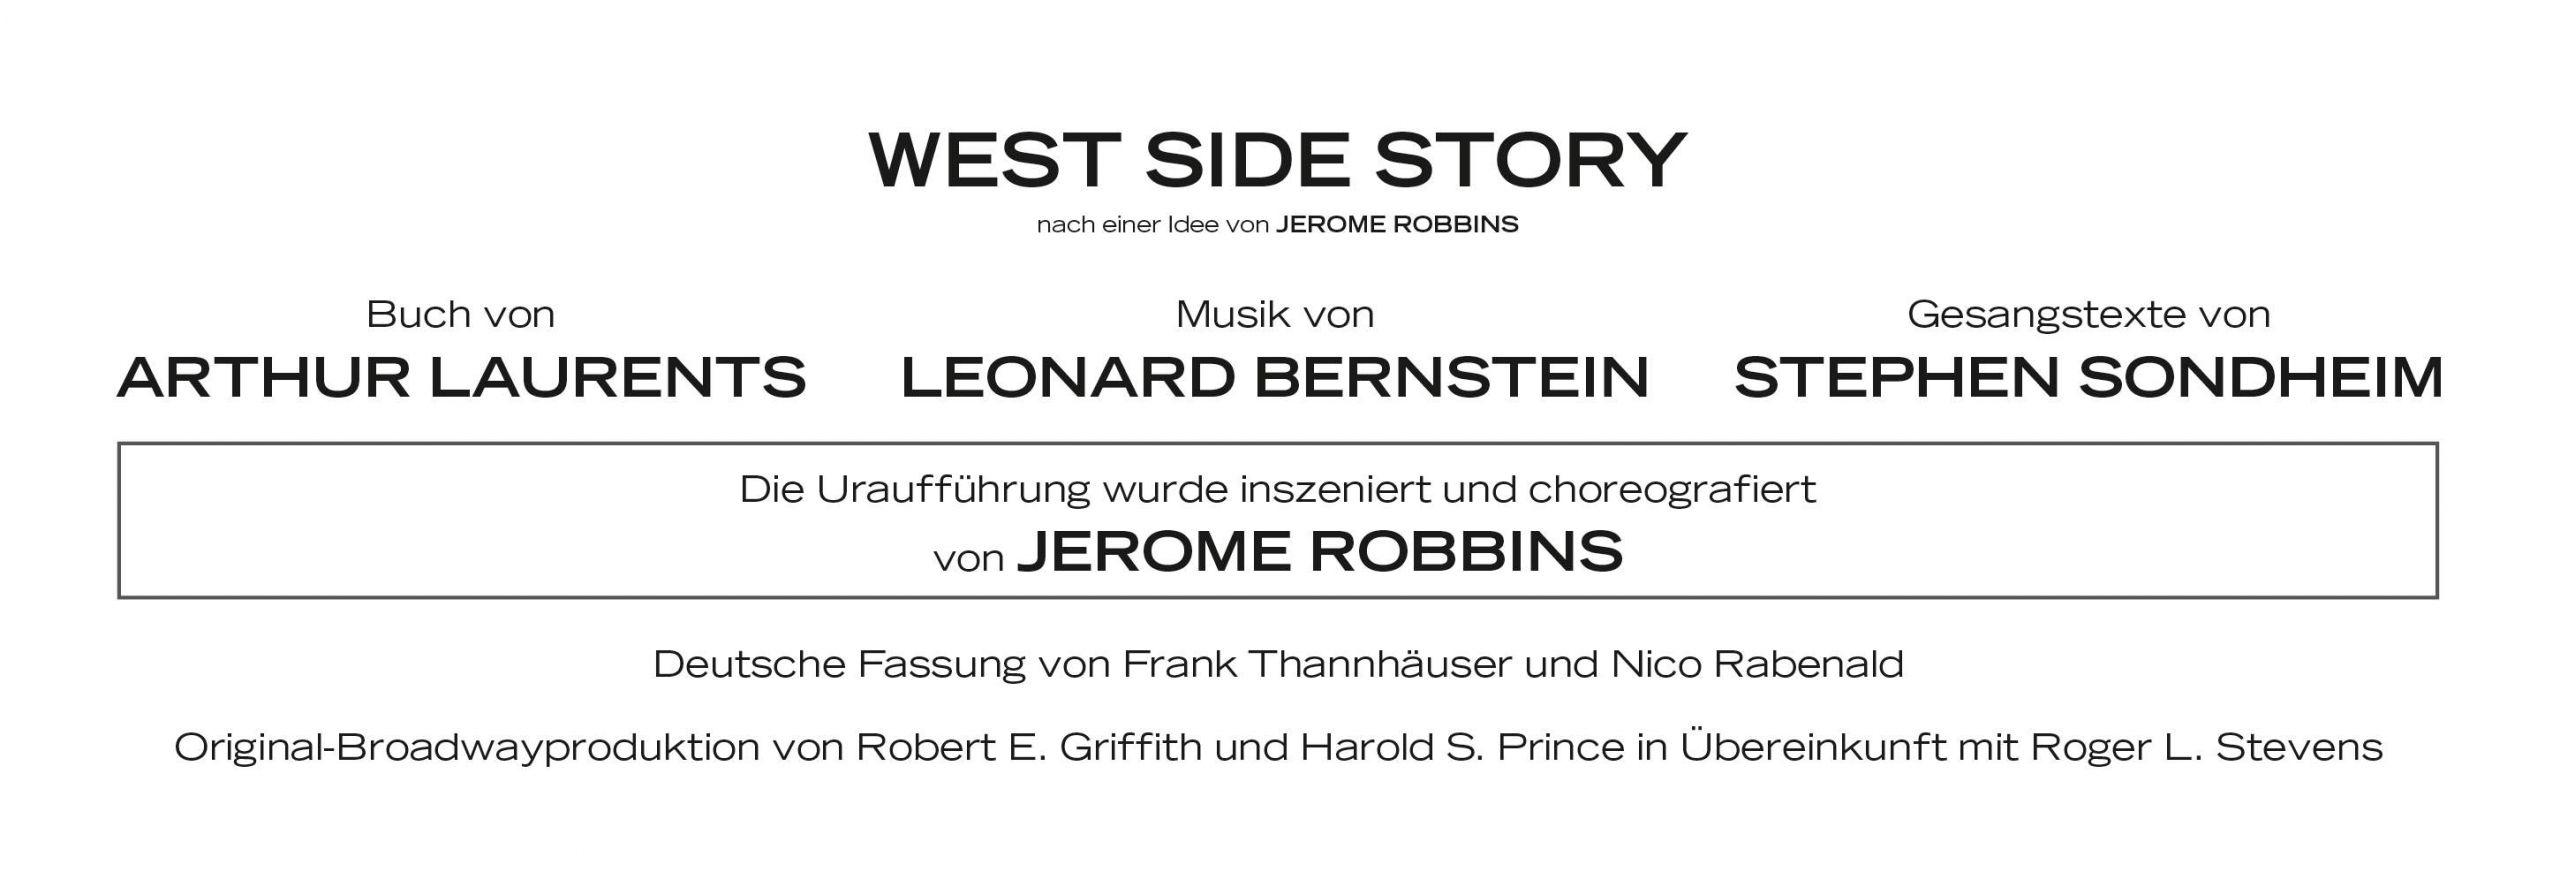 west side story titelei website